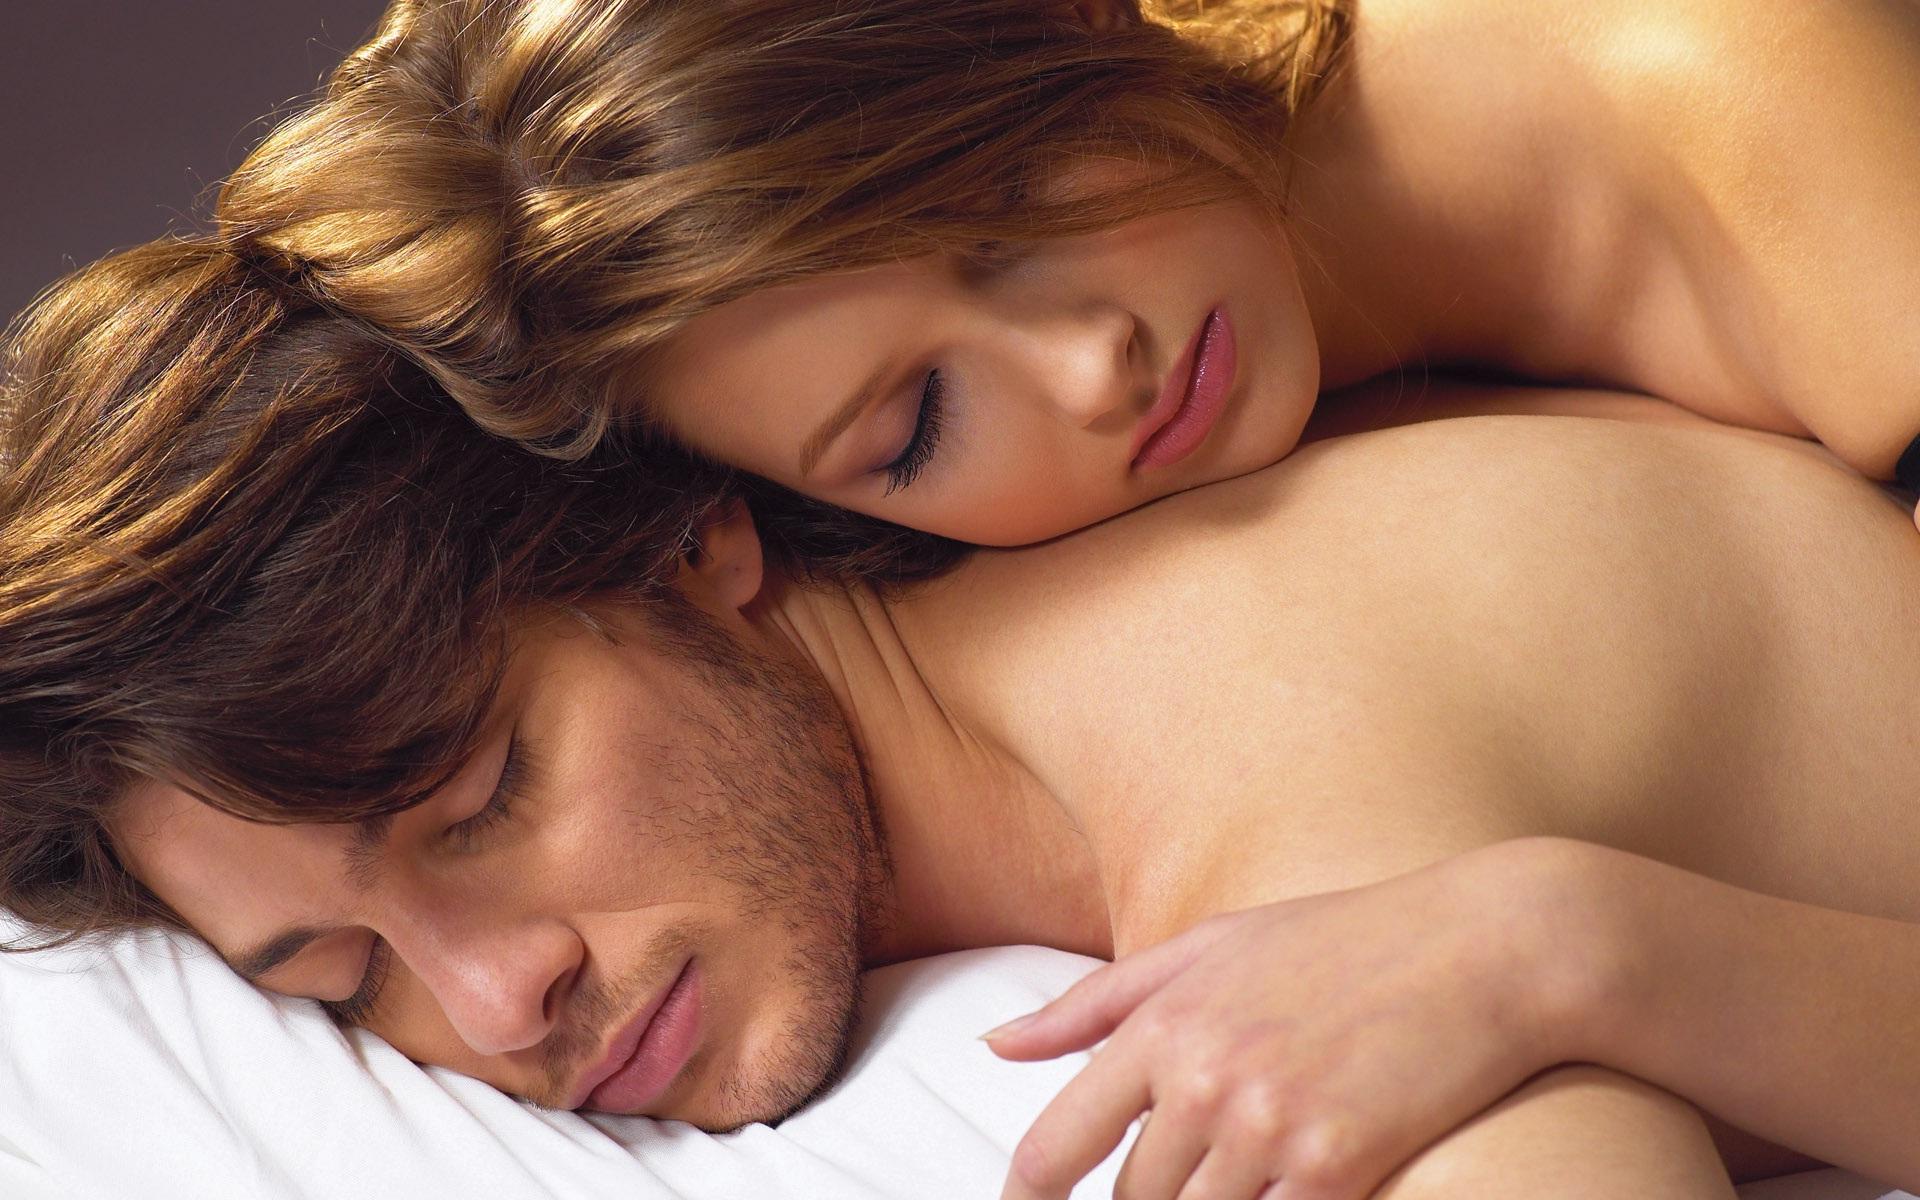 romanticheskoe-video-v-posteli-net-deneg-rasplatilas-naturoy-porno